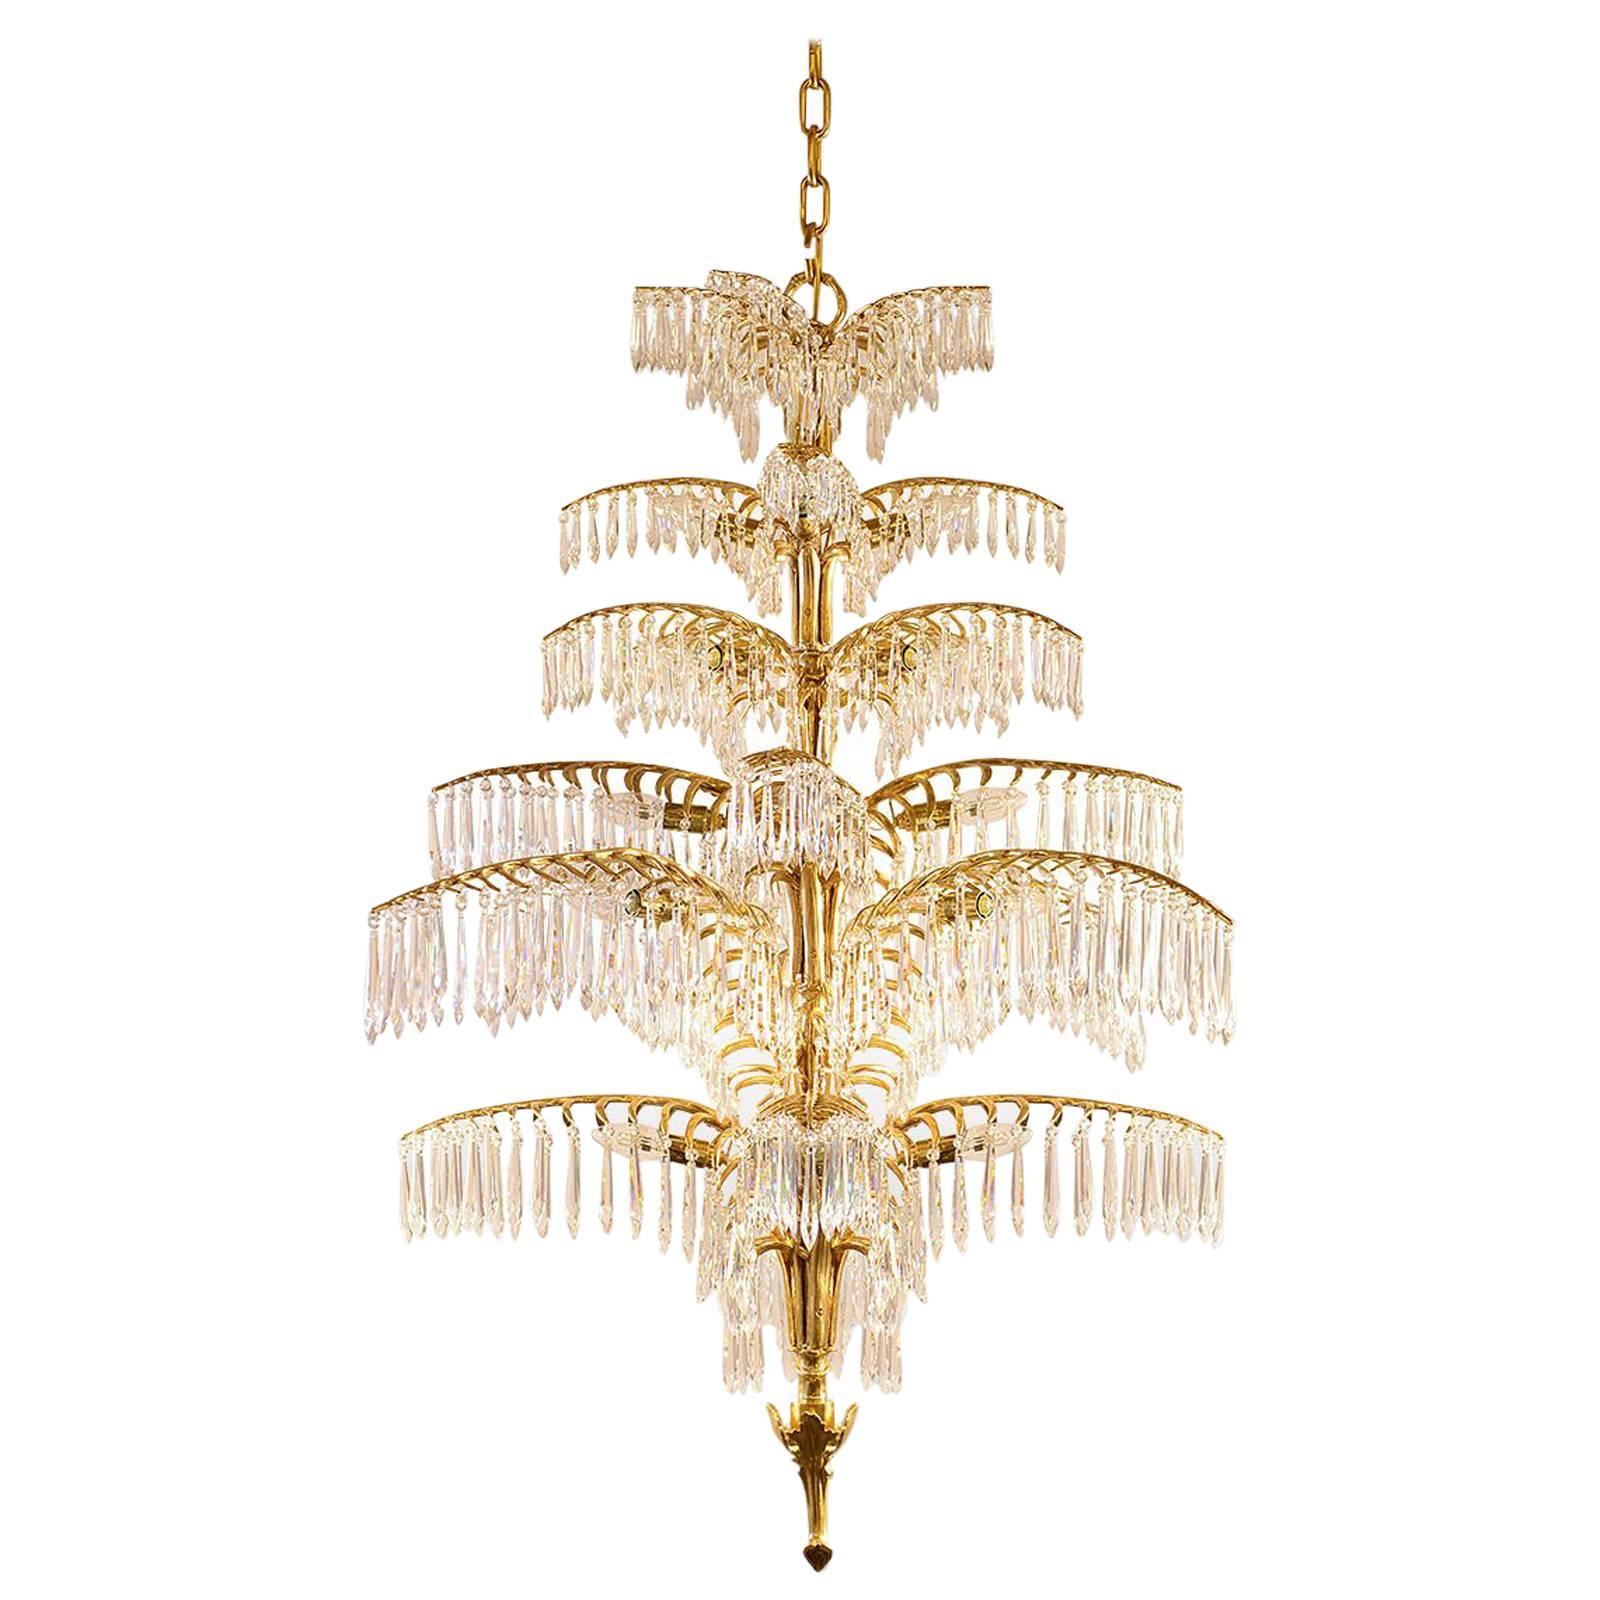 """Josef Hoffmann Ceiling Lamp """"Palme-Dubai"""" Jugendstil Re-Edition bespoke"""